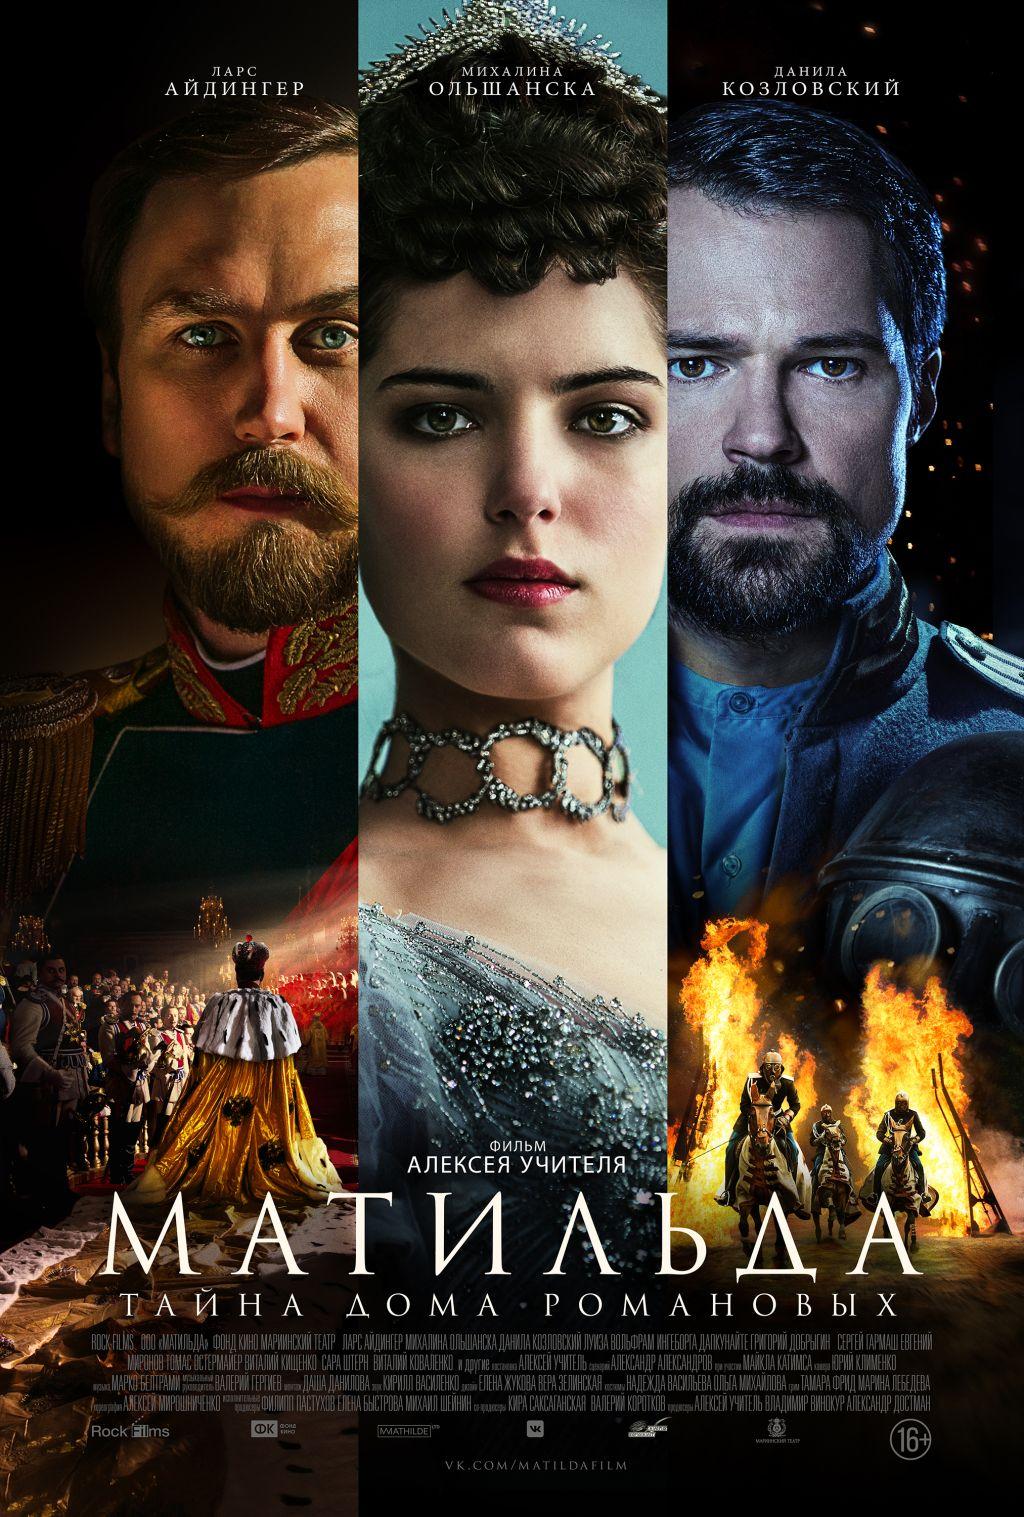 Сеть «Формула кино» отказалась от показа «Матильды»